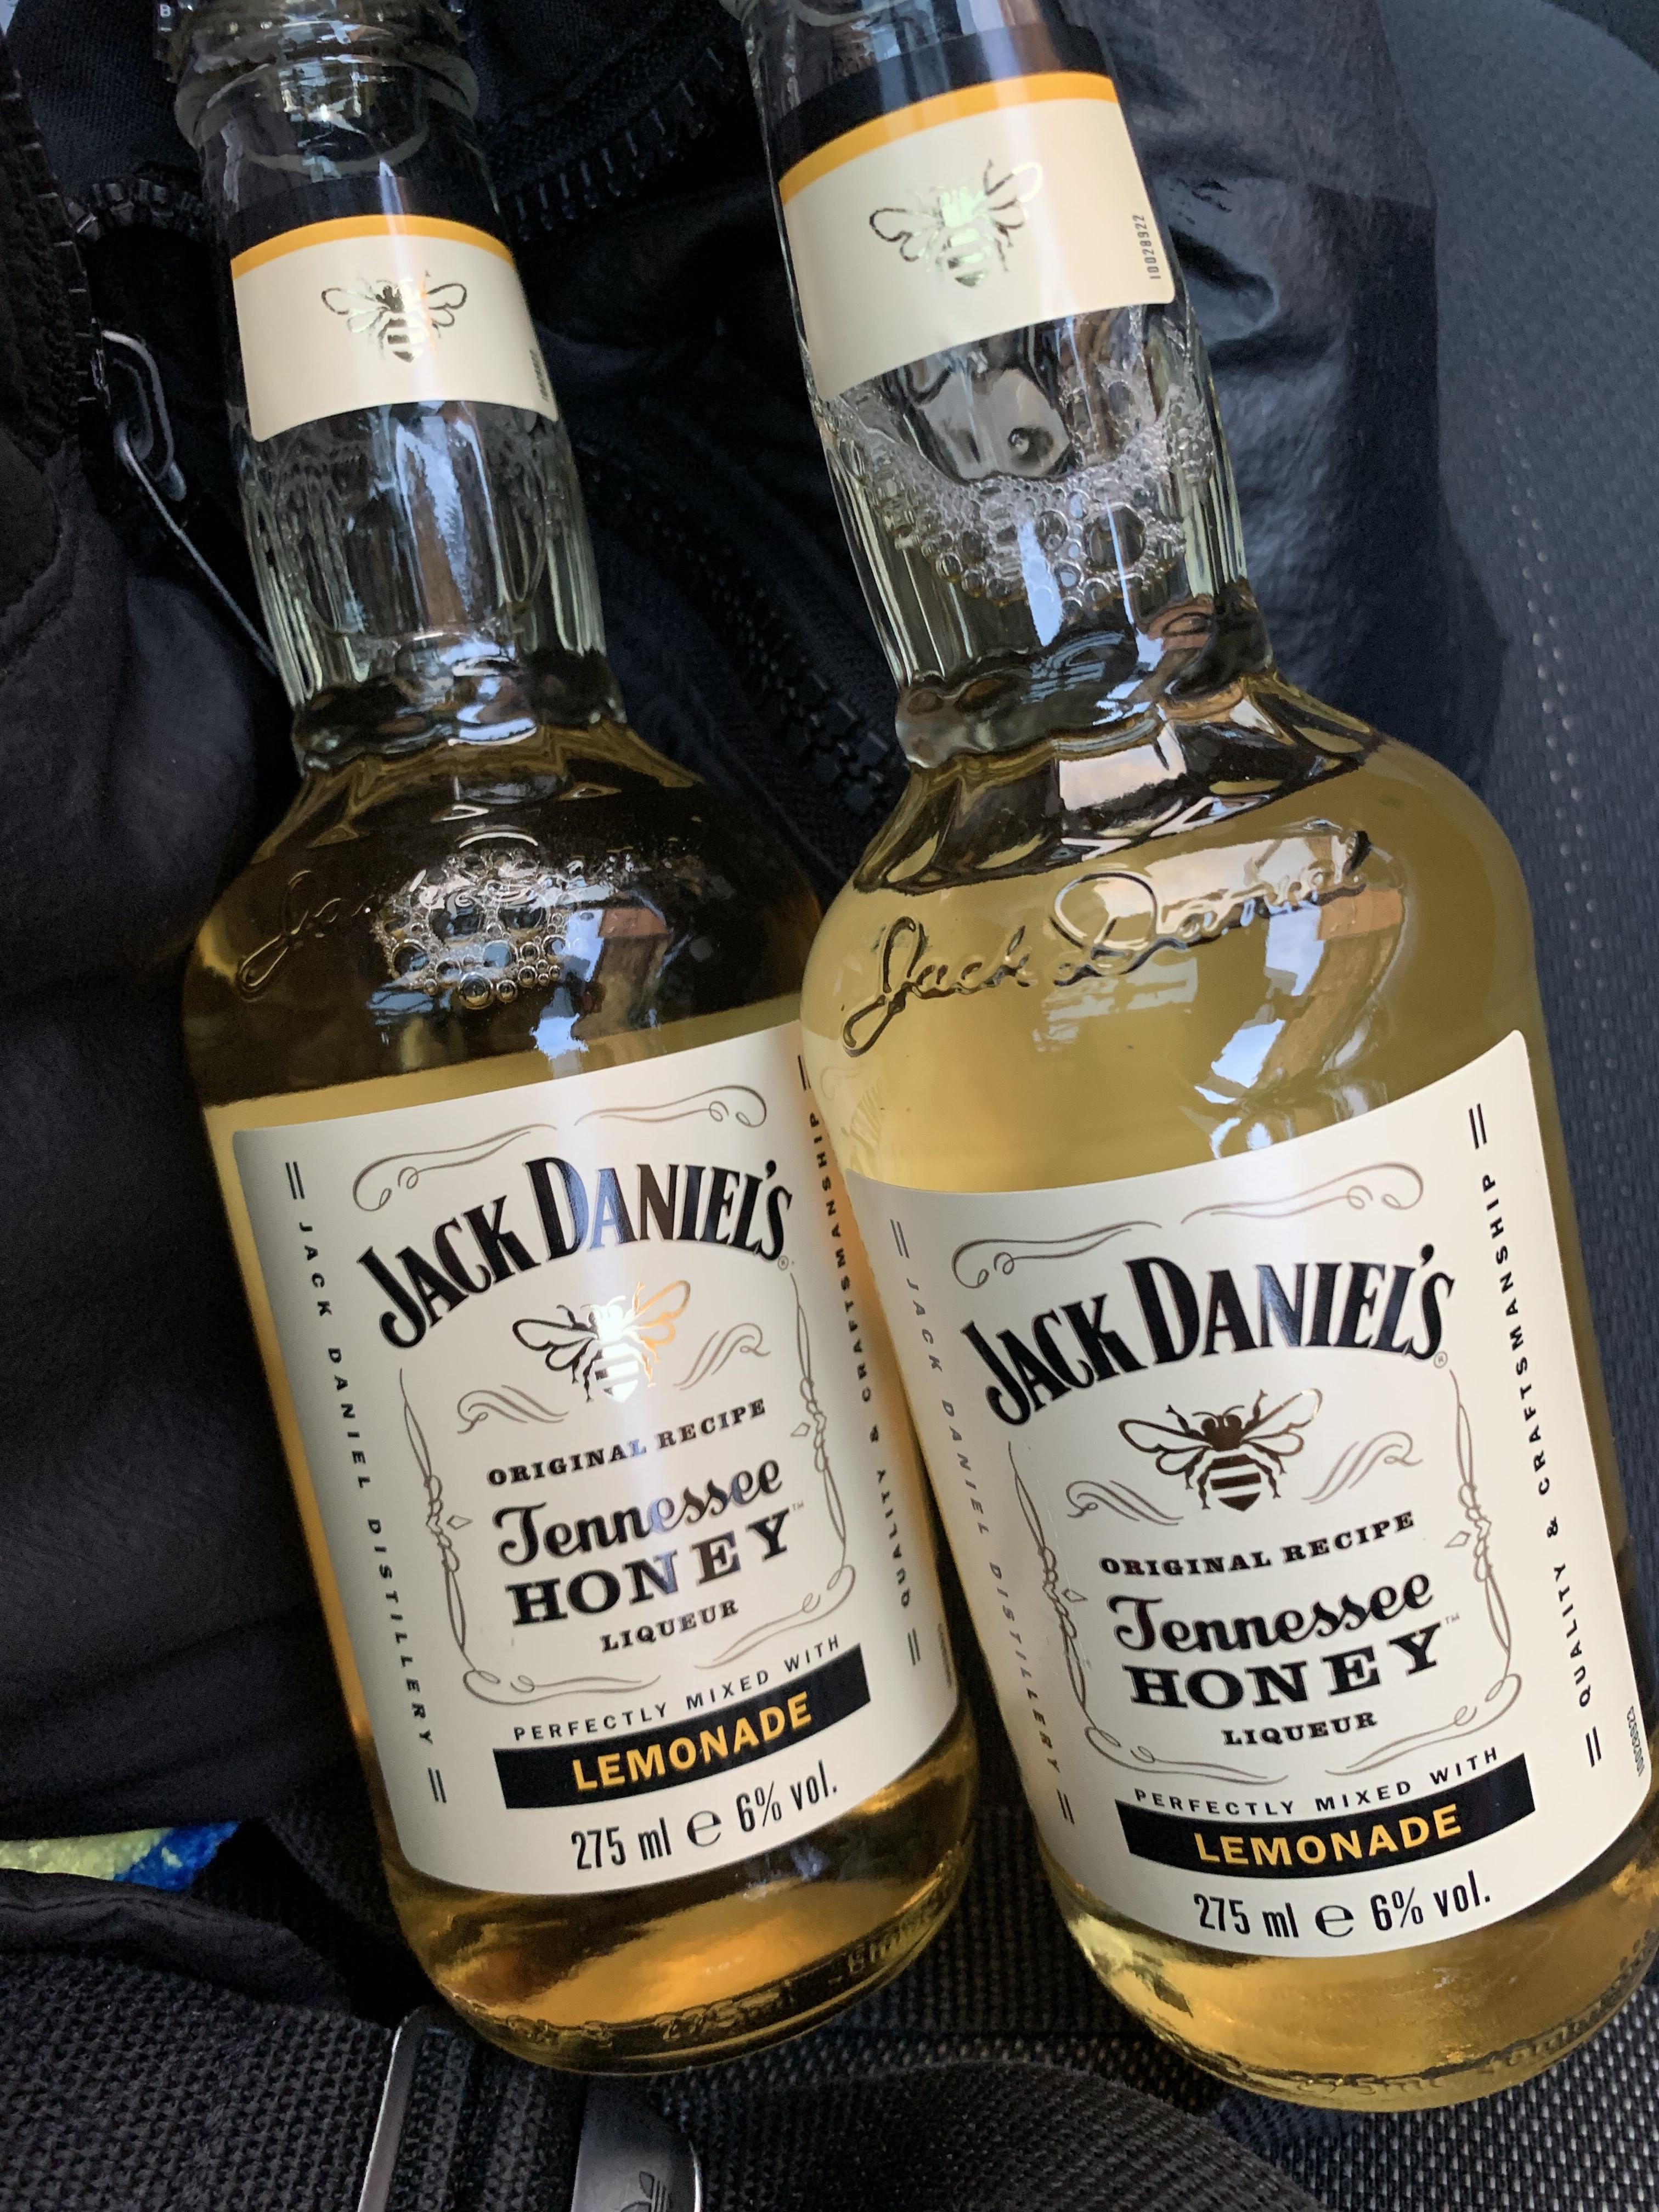 Jack Daniels honey lemonade 275ml bottles 6% 99p at home bargains Tennessee bourbon (Ashton)